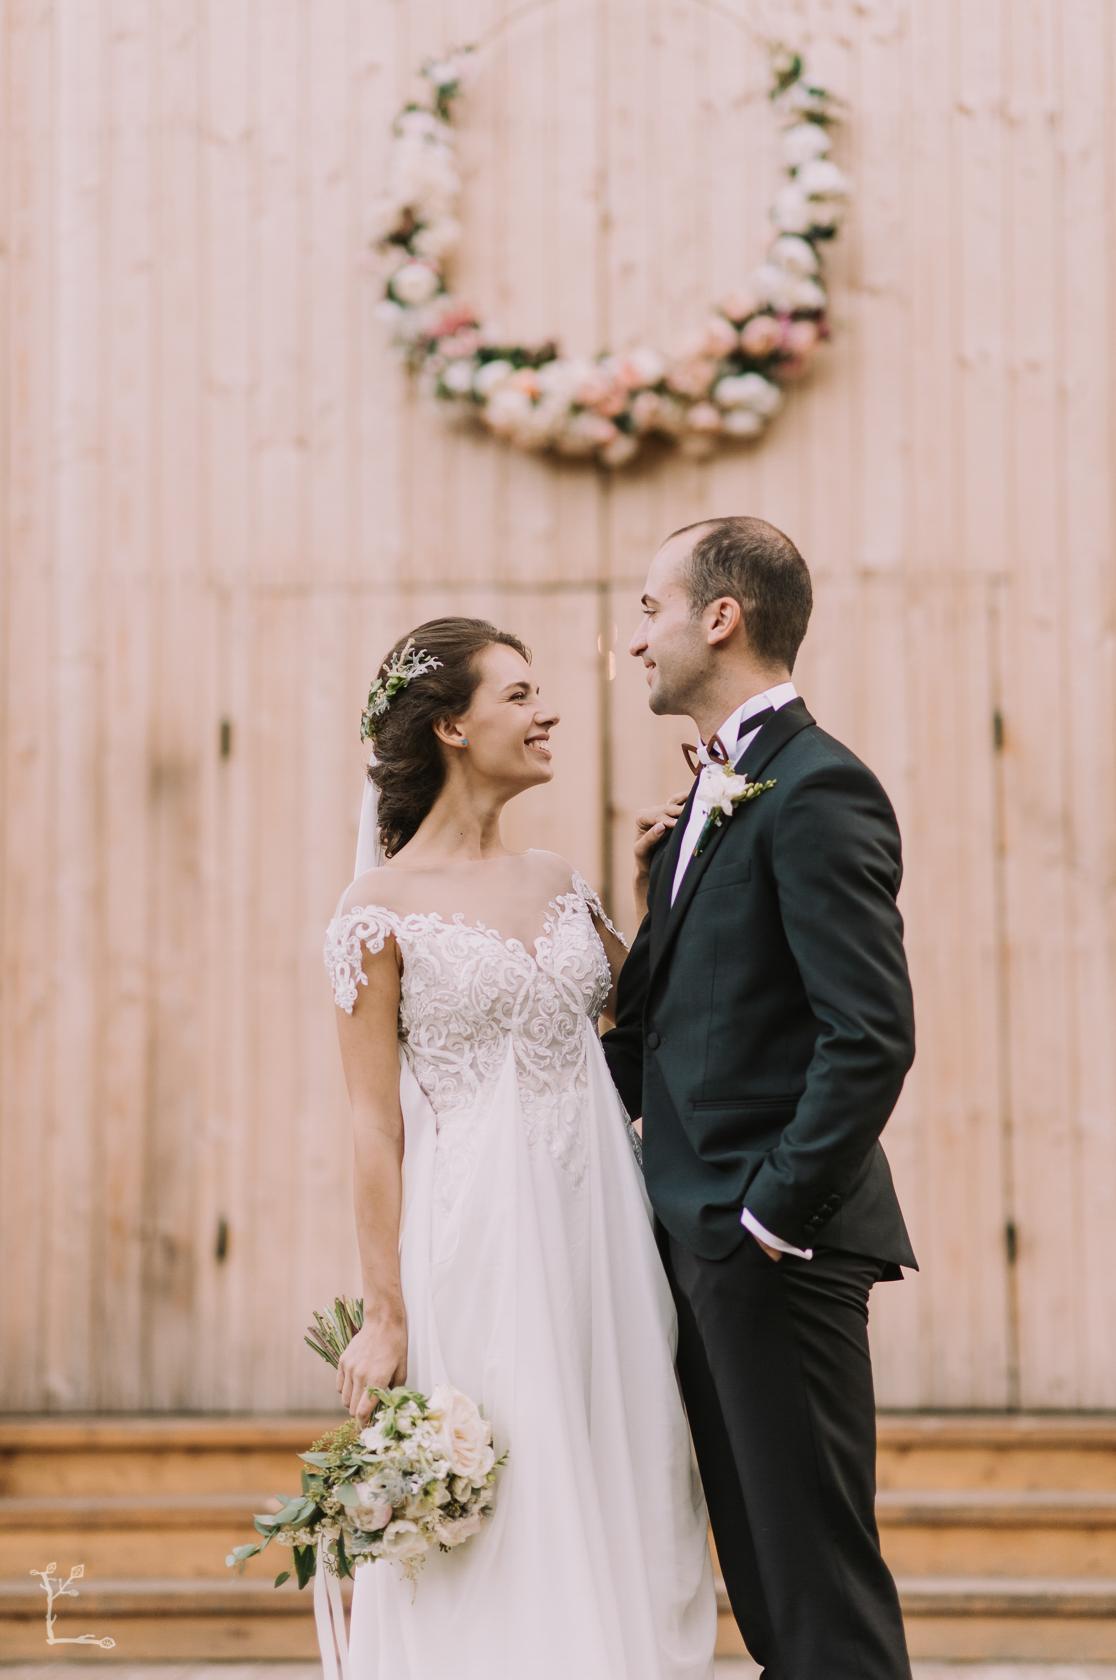 fotograf nunta81